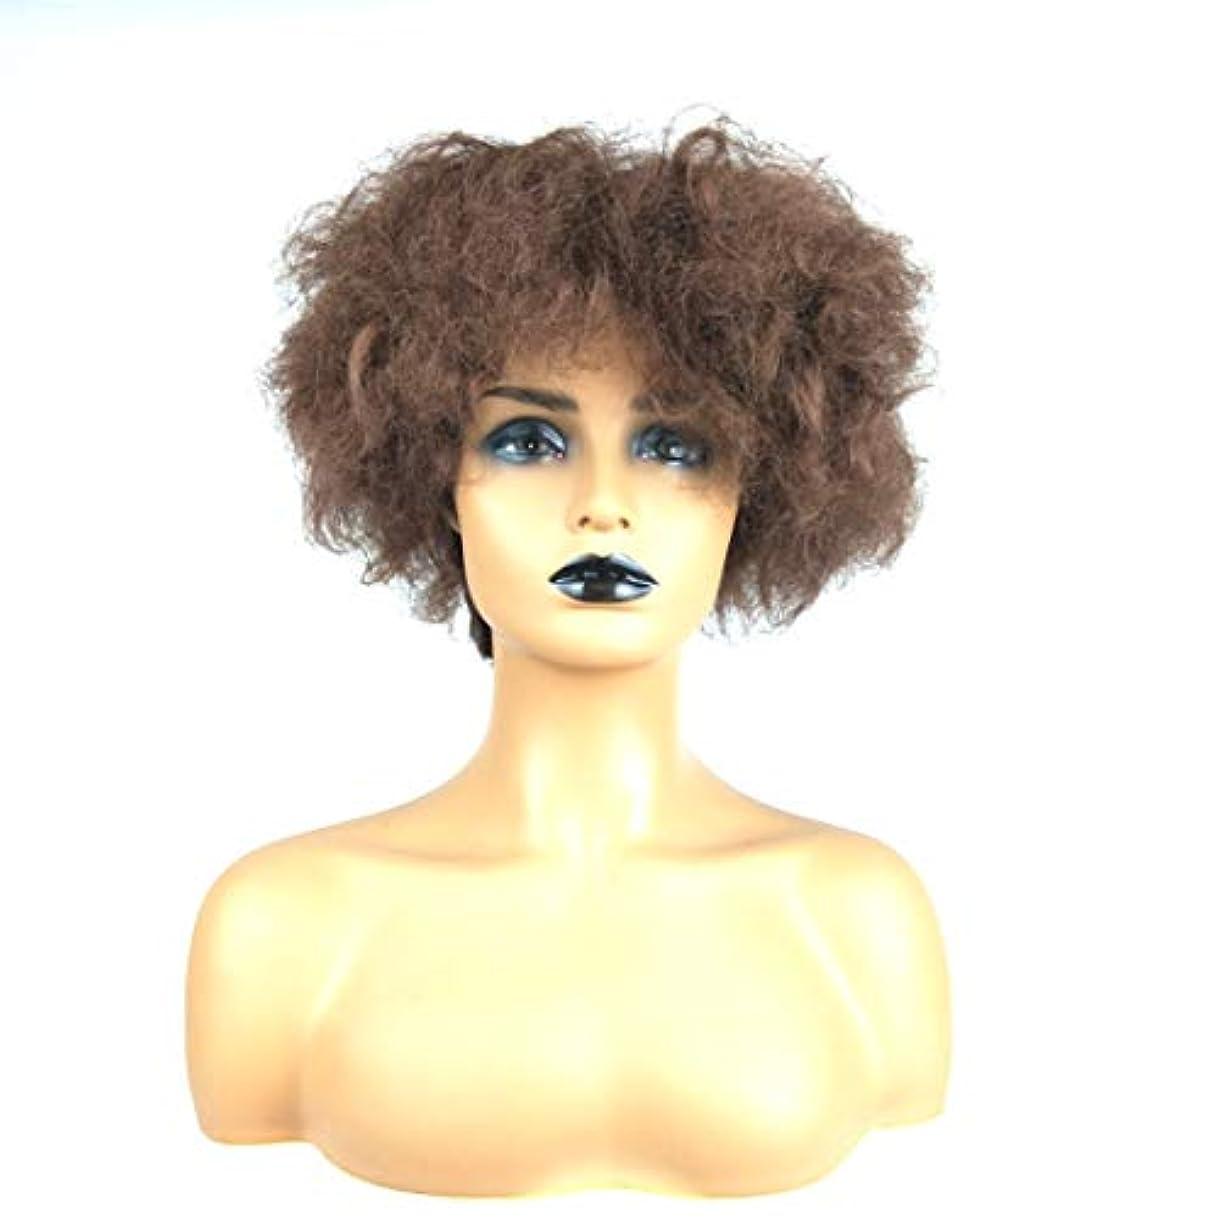 寄稿者カップ公使館Summerys 女性のための短い巻き毛のかつらブロンドのボブの髪かつら自然に見える耐熱合成ファッションかつら